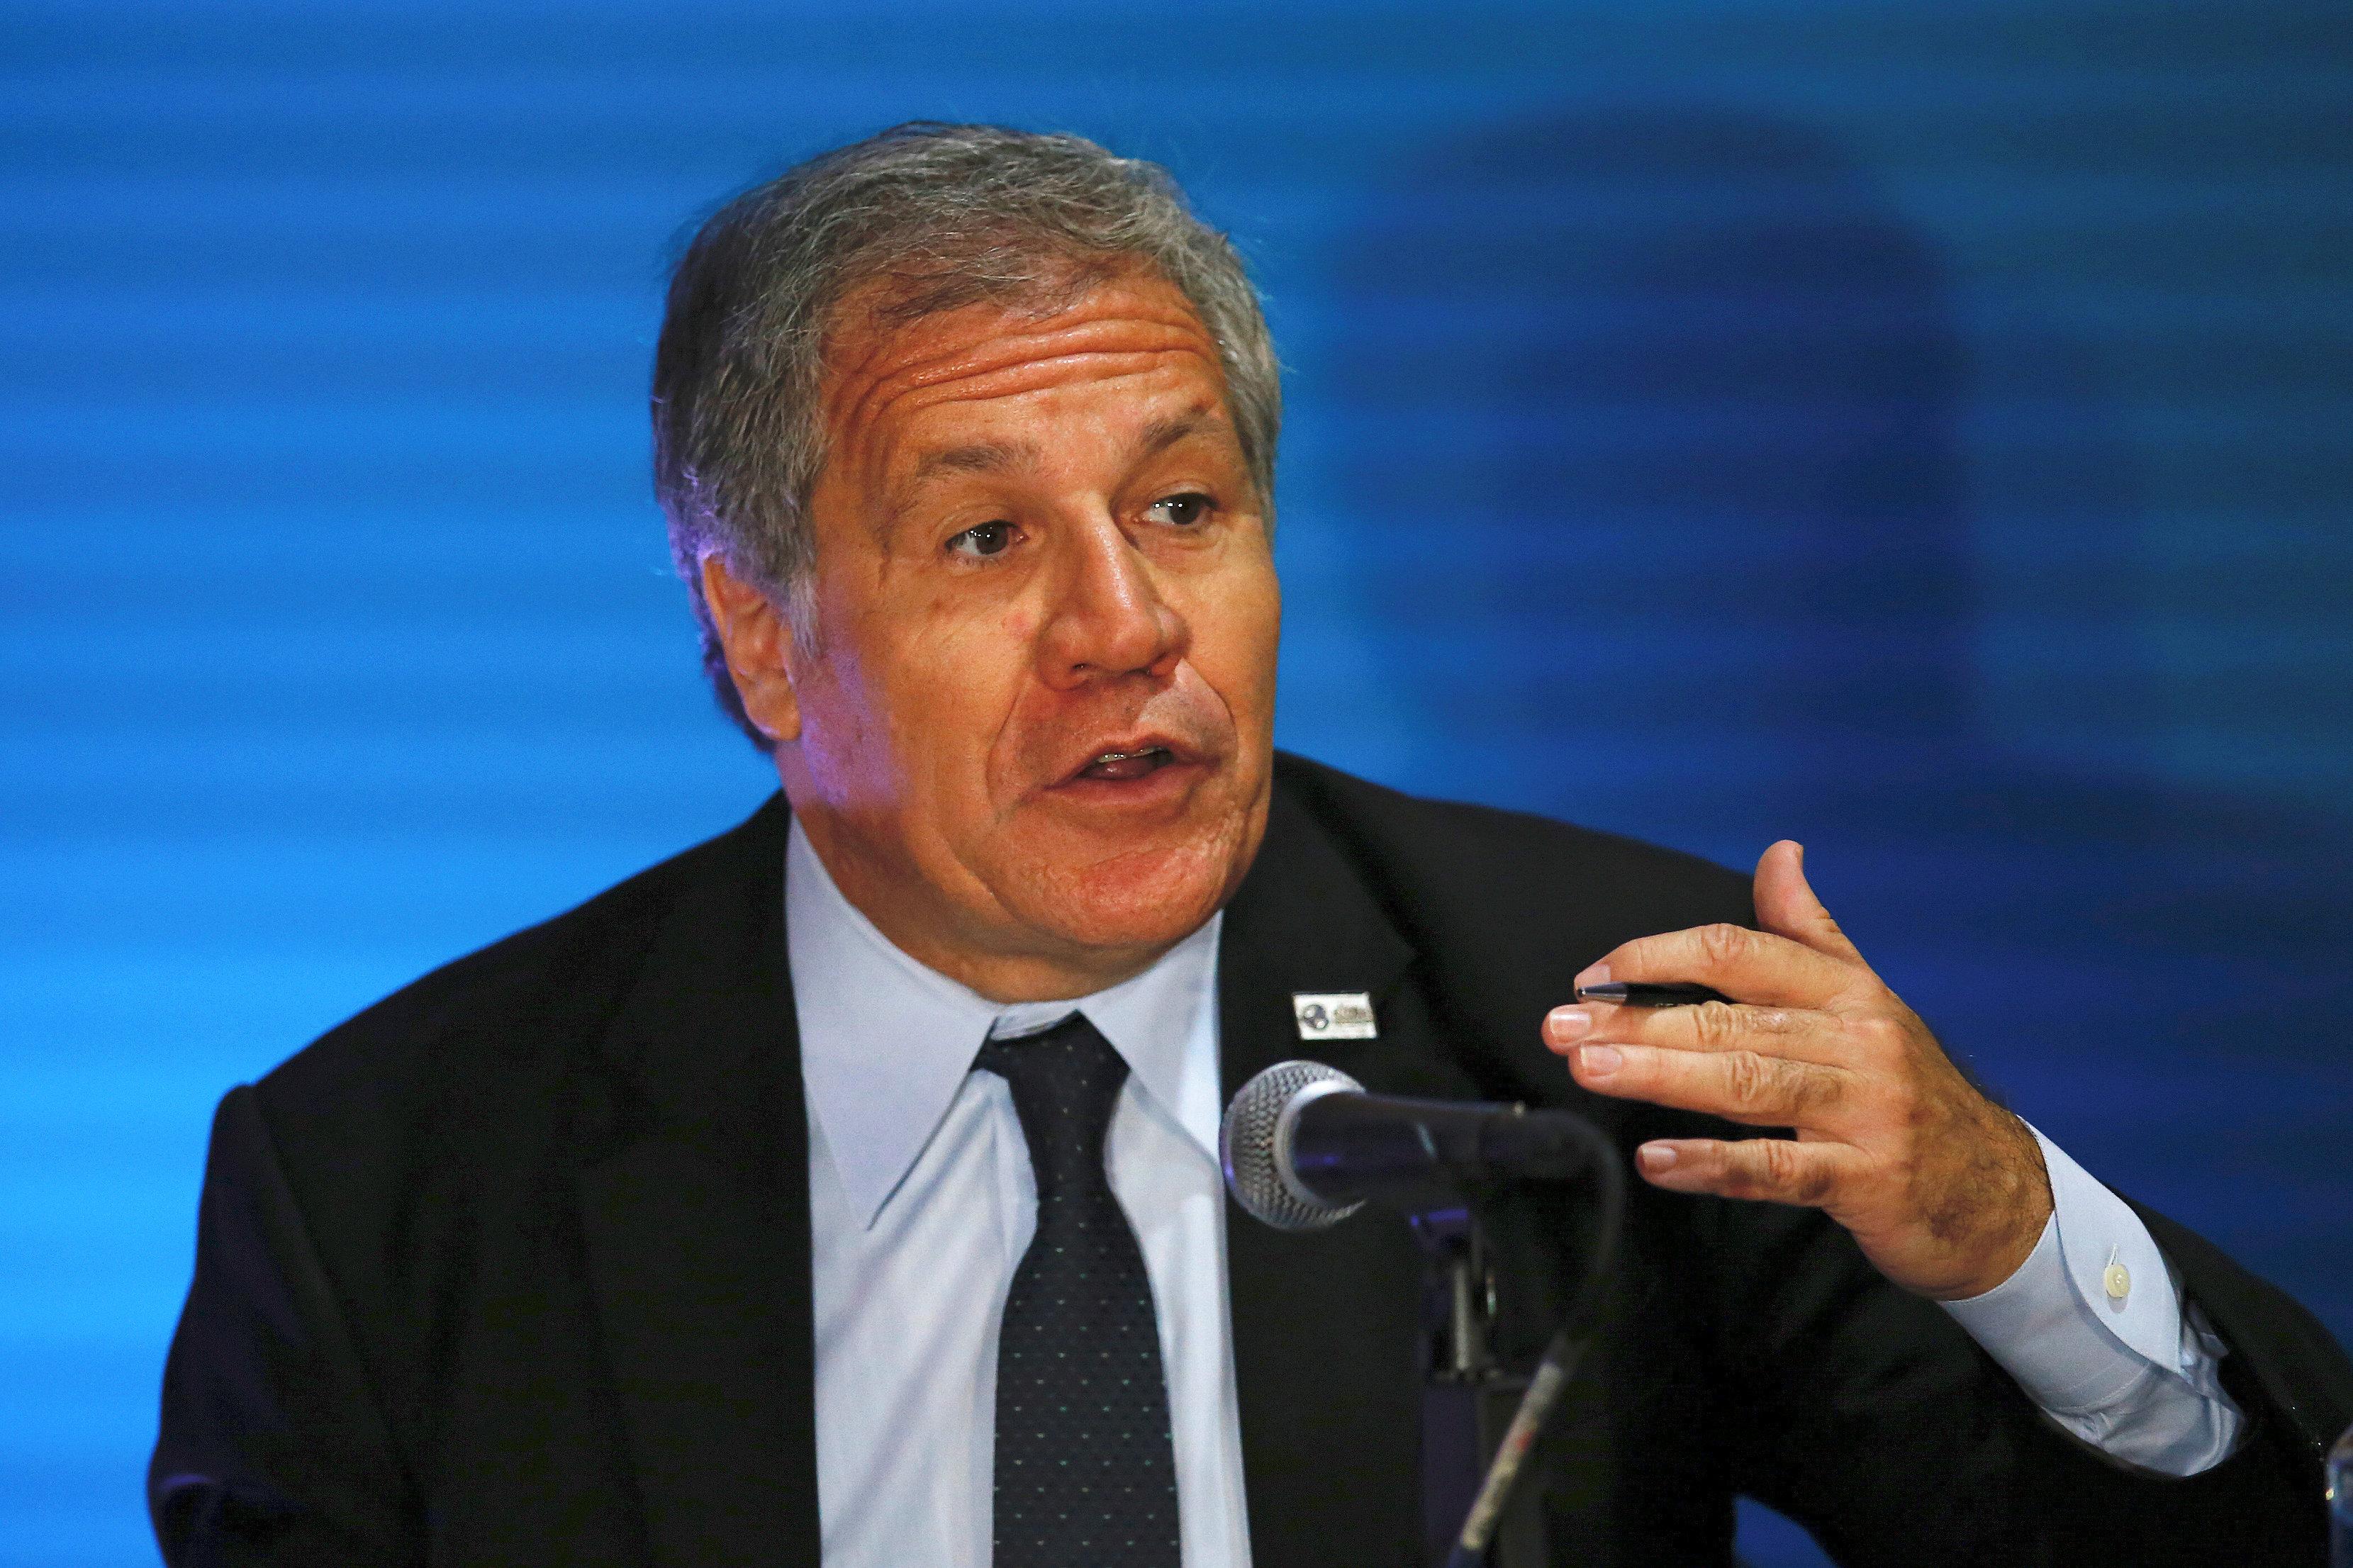 Luis Almagro, secretario general de la OEA. REUTERS/Carlos Jasso